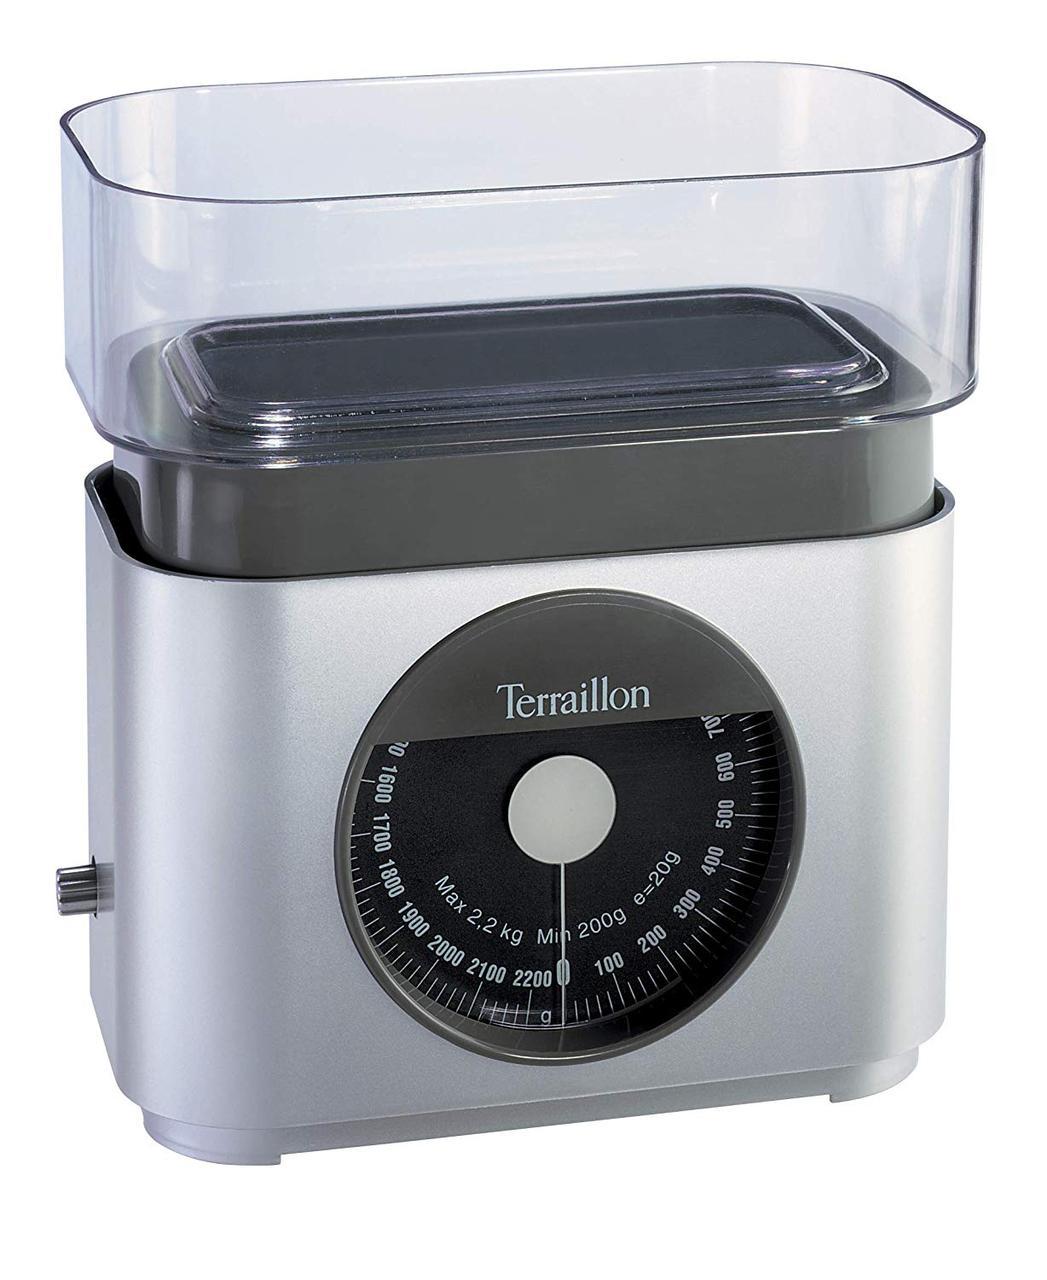 Кухонные весы - Terraillon BA22